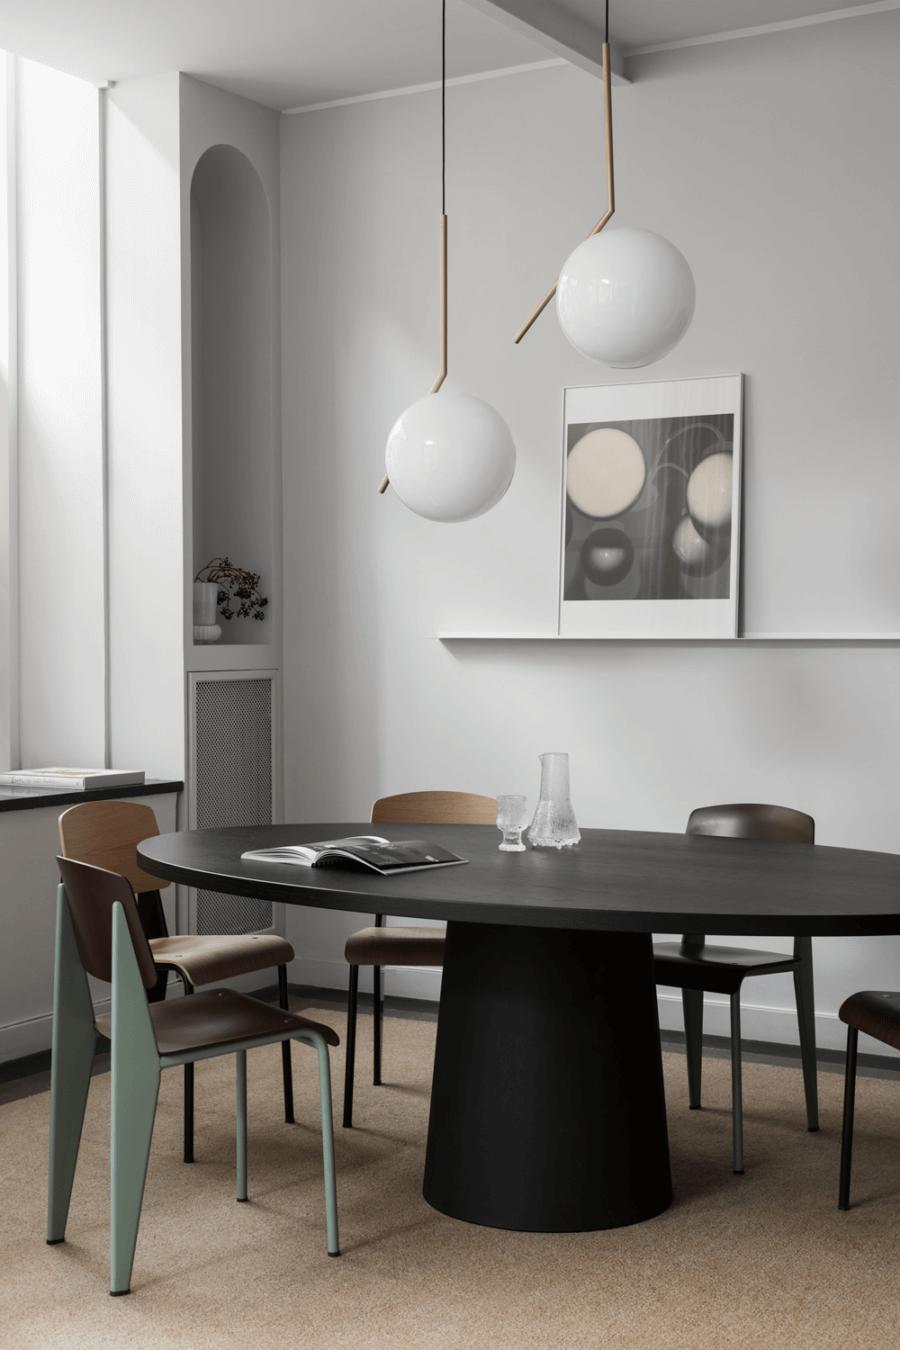 Lampa Flos IC dostępna w Internity Home